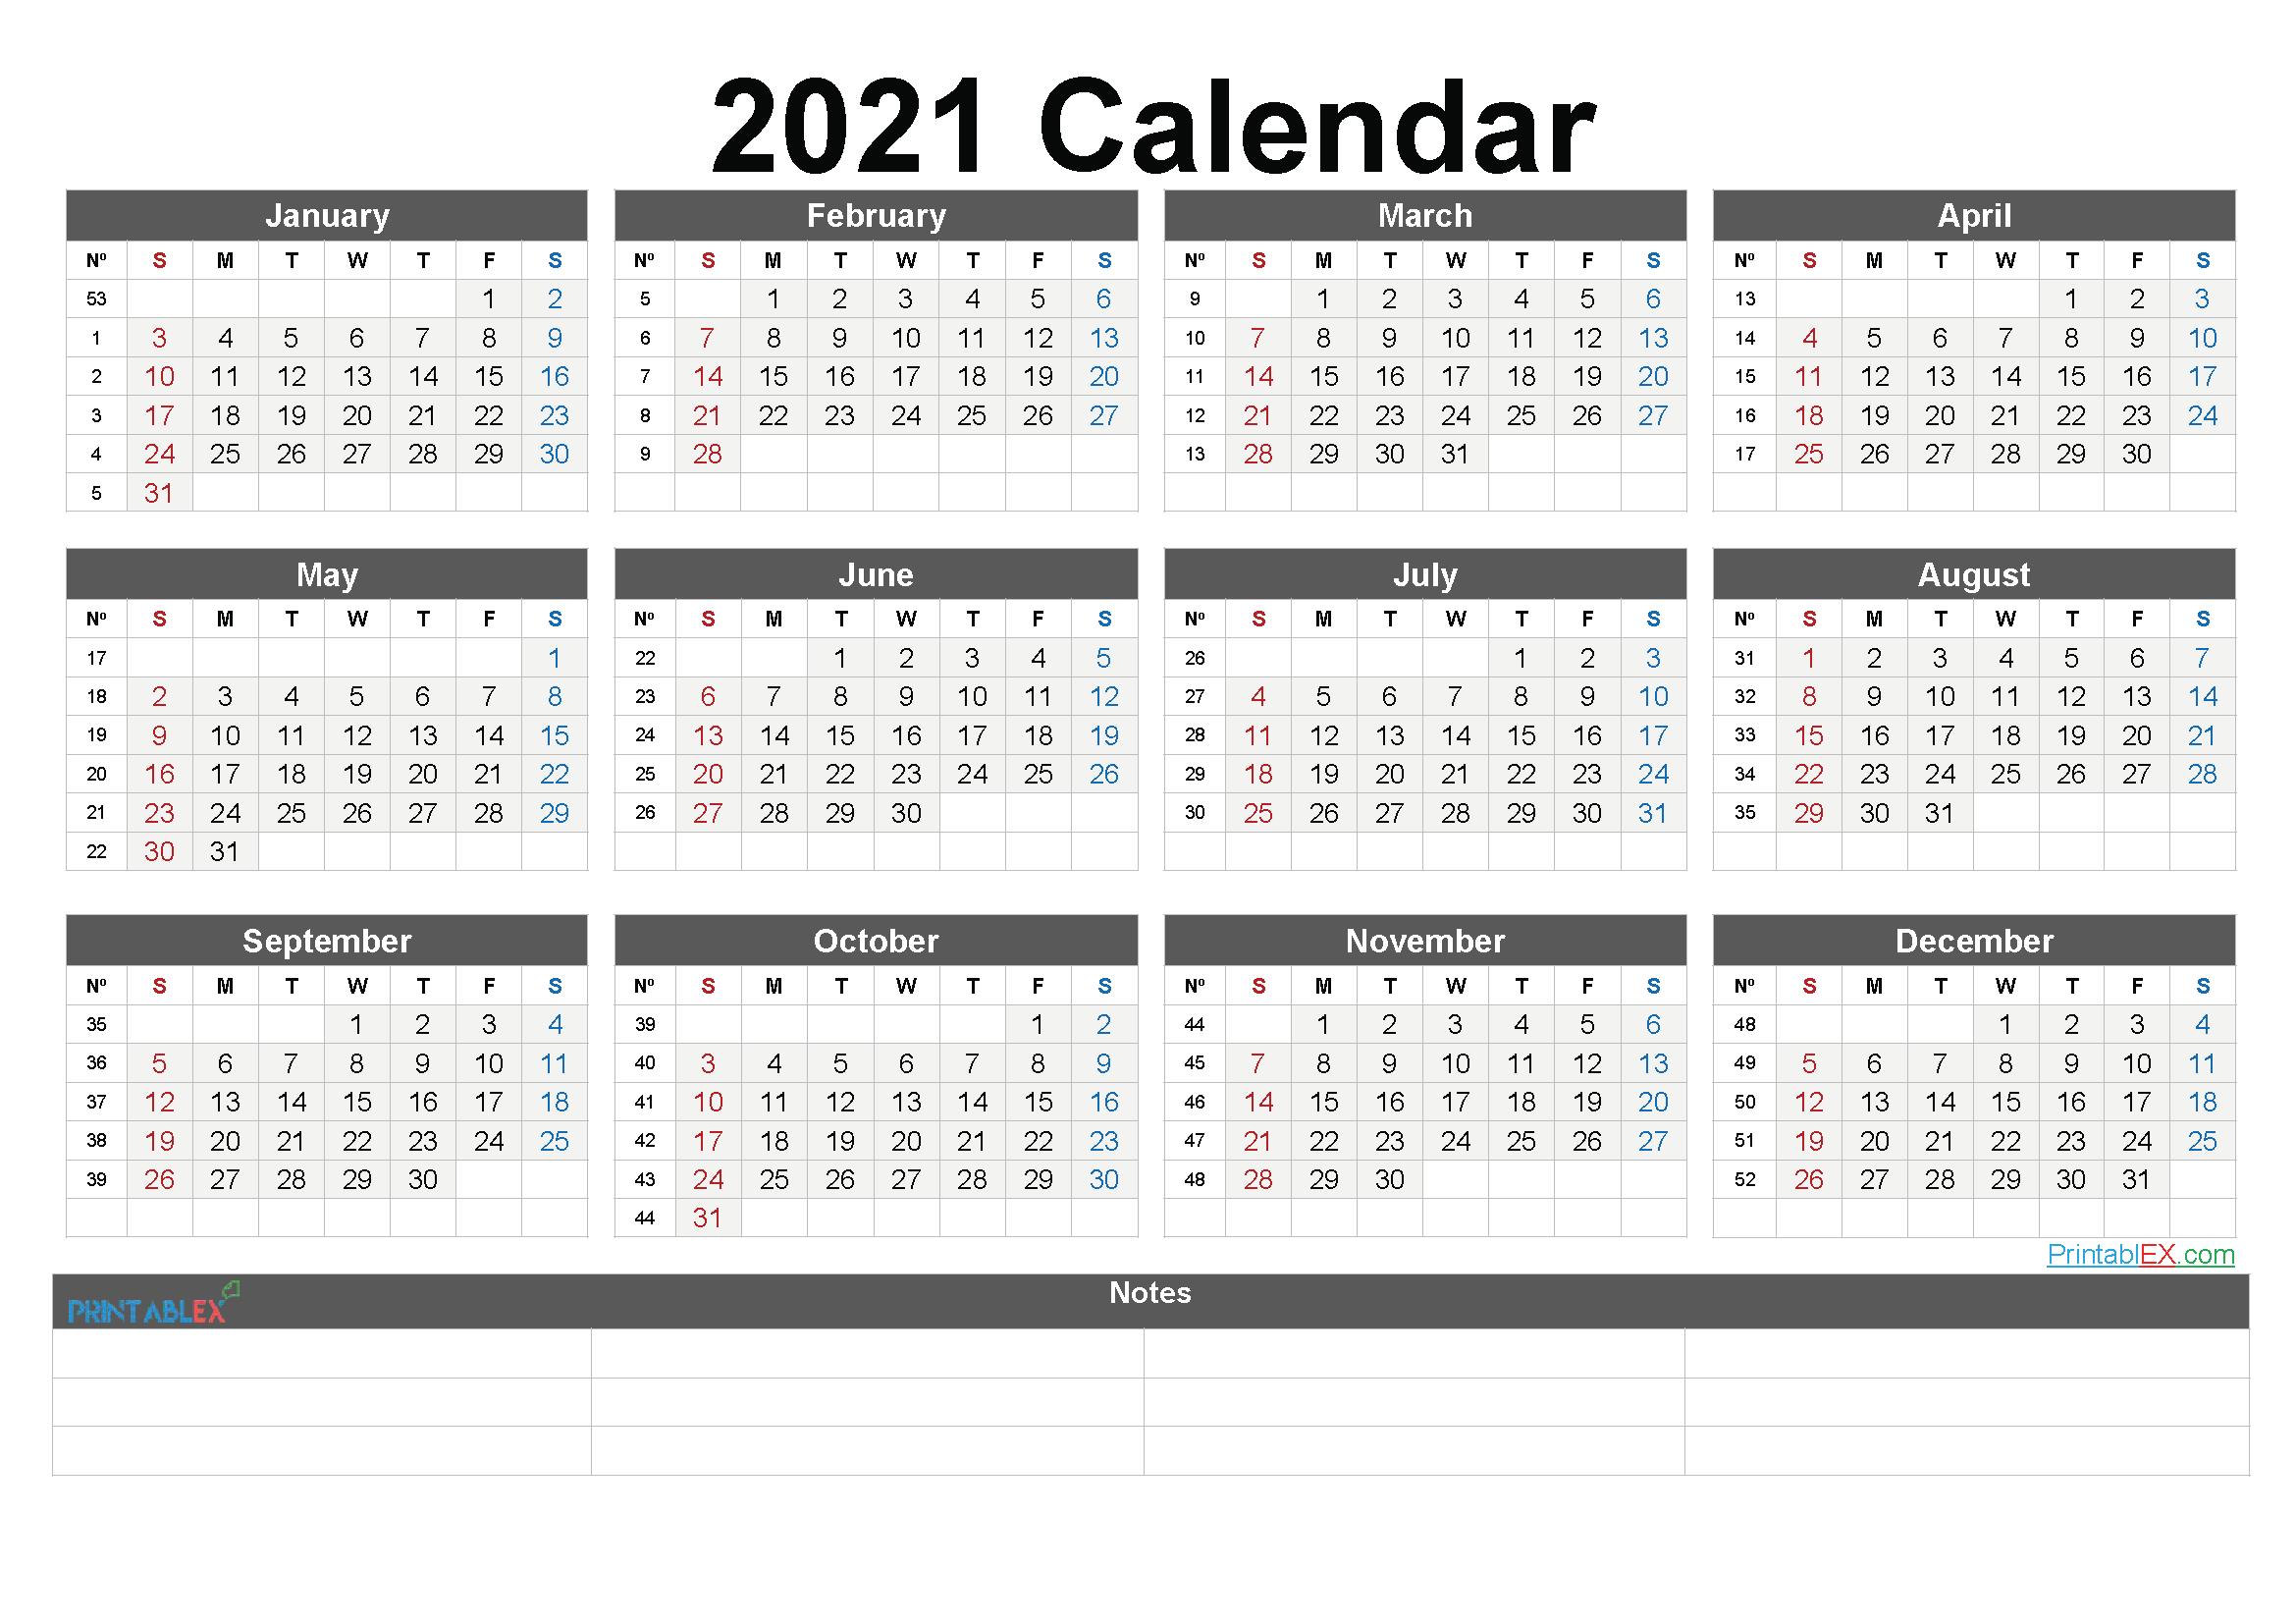 Calendar 2021 Weeks – United States Map Weekly Numbered 52 Week Calendar Printable